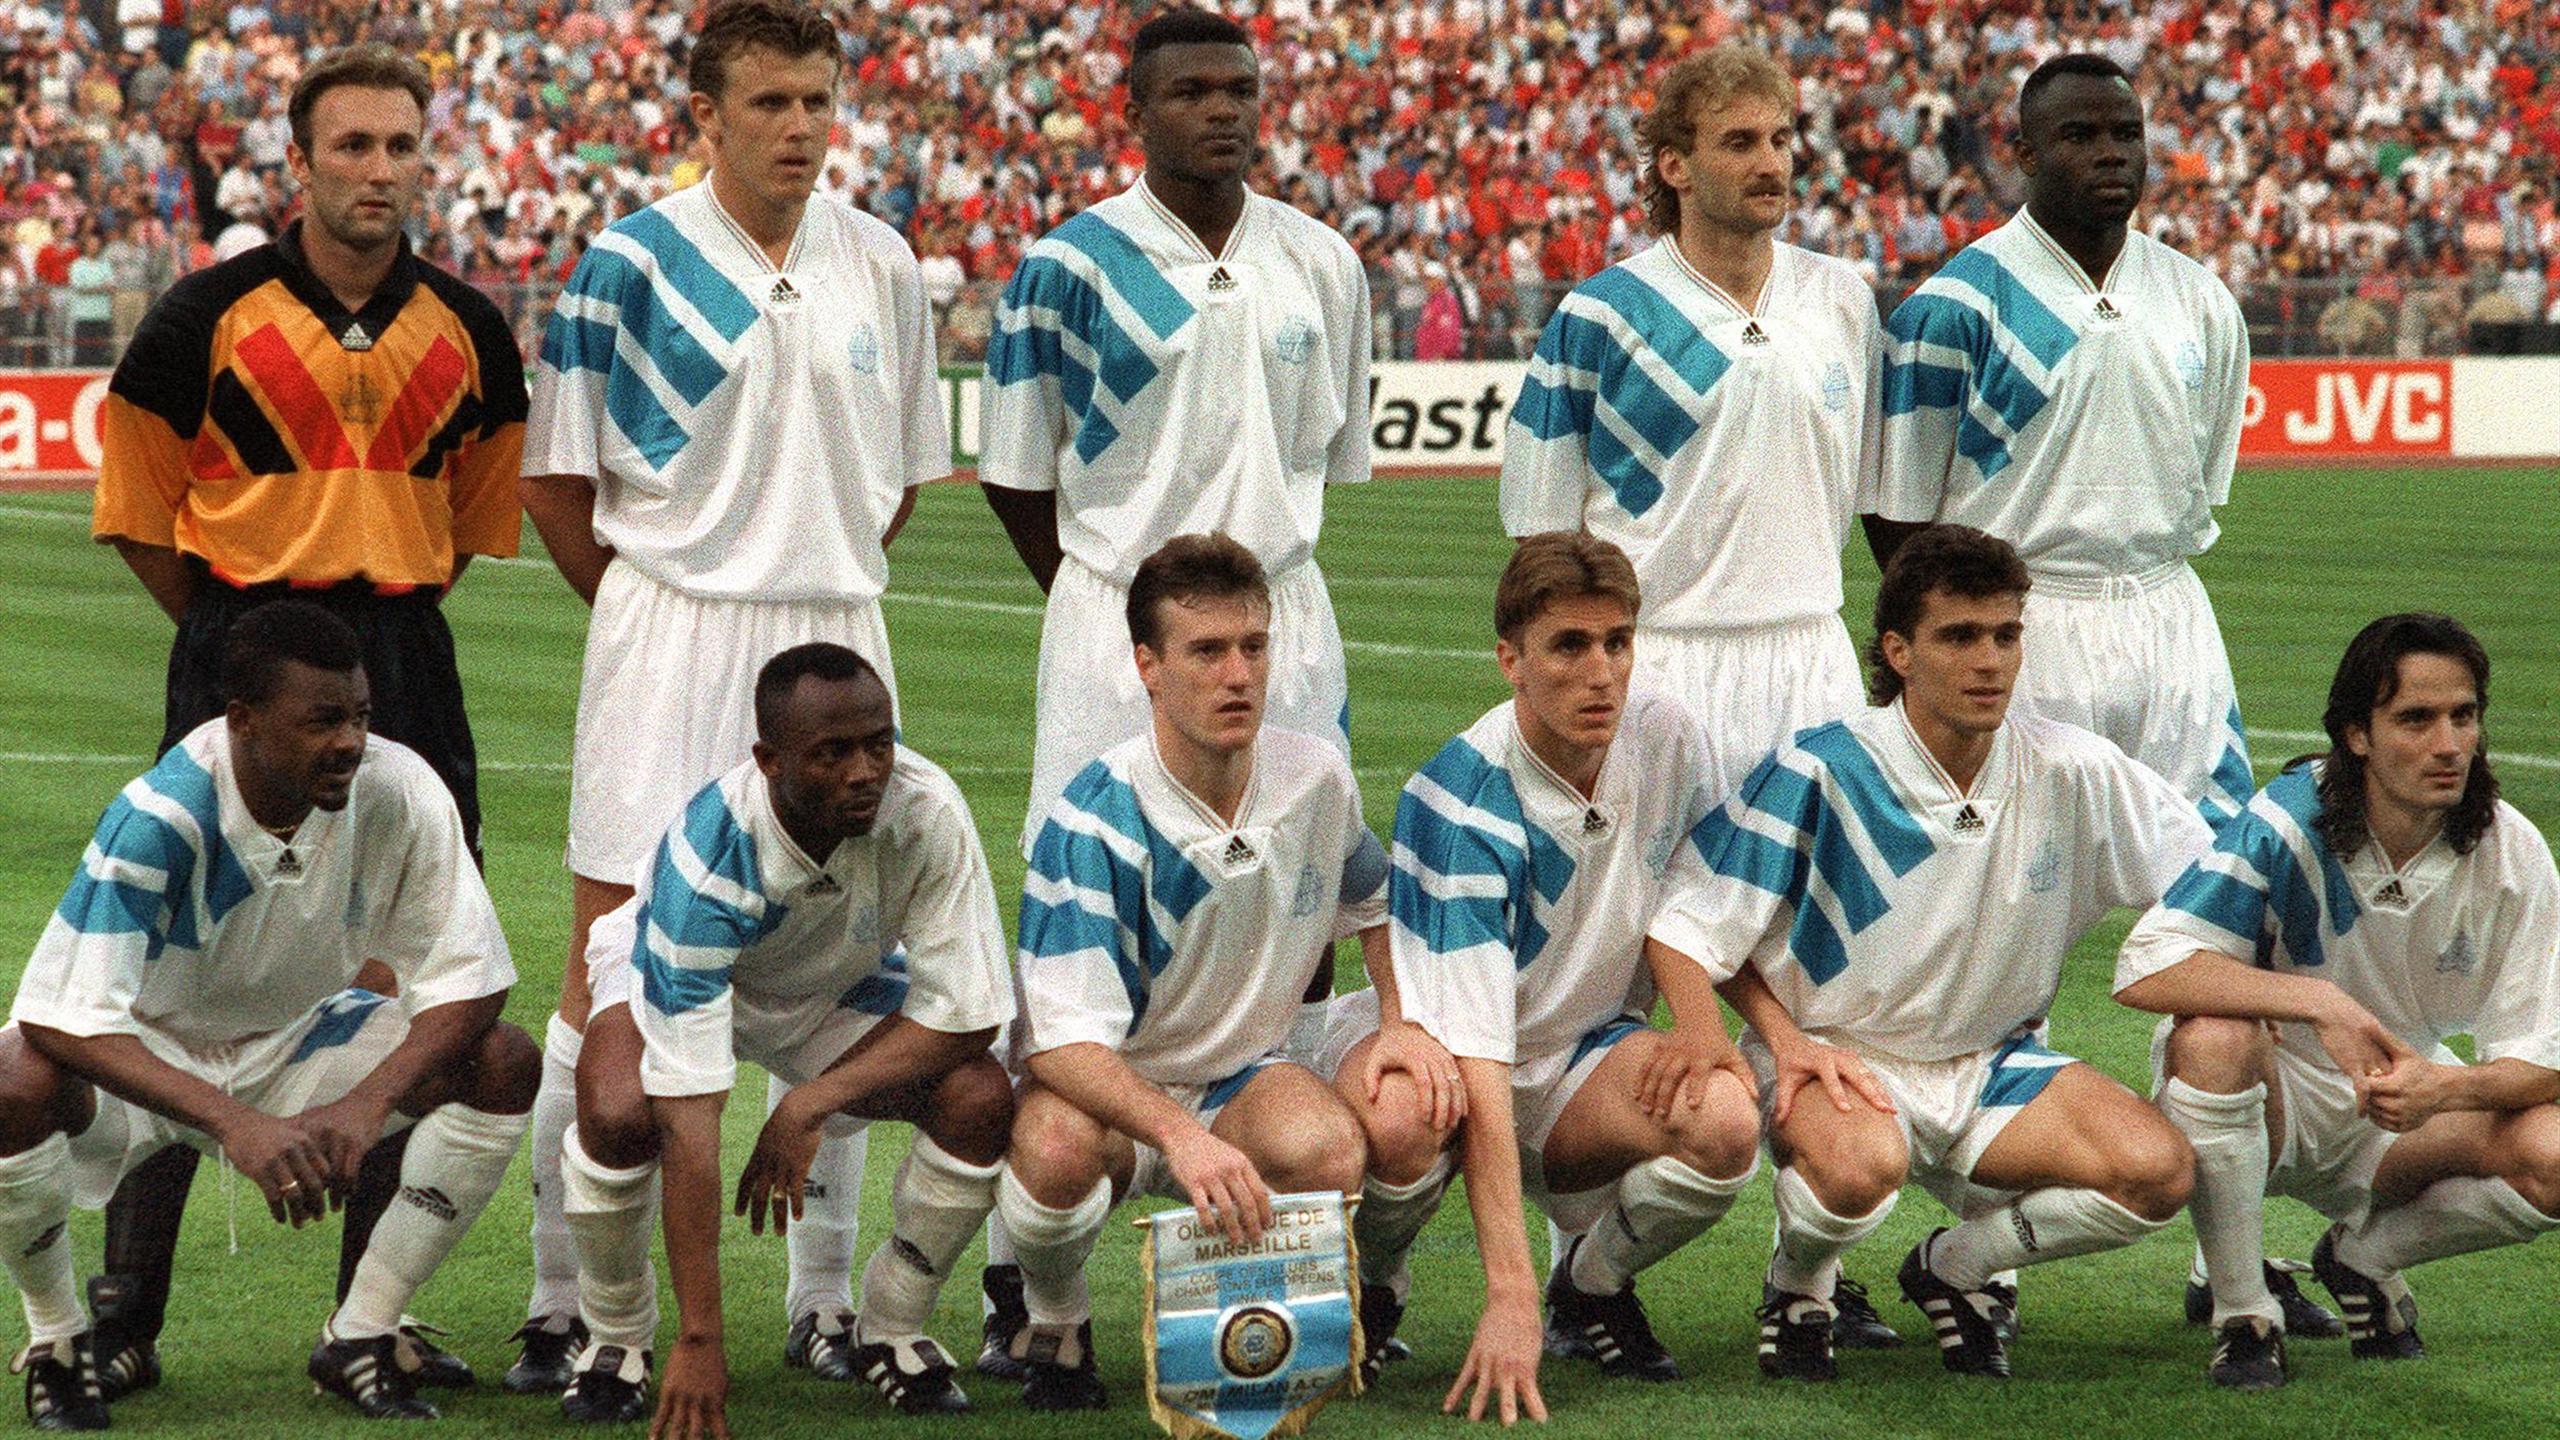 В 1993-м «Марсель» выиграл Лигу чемпионов. И тут же был отстранен от следующего розыгрыша турнира